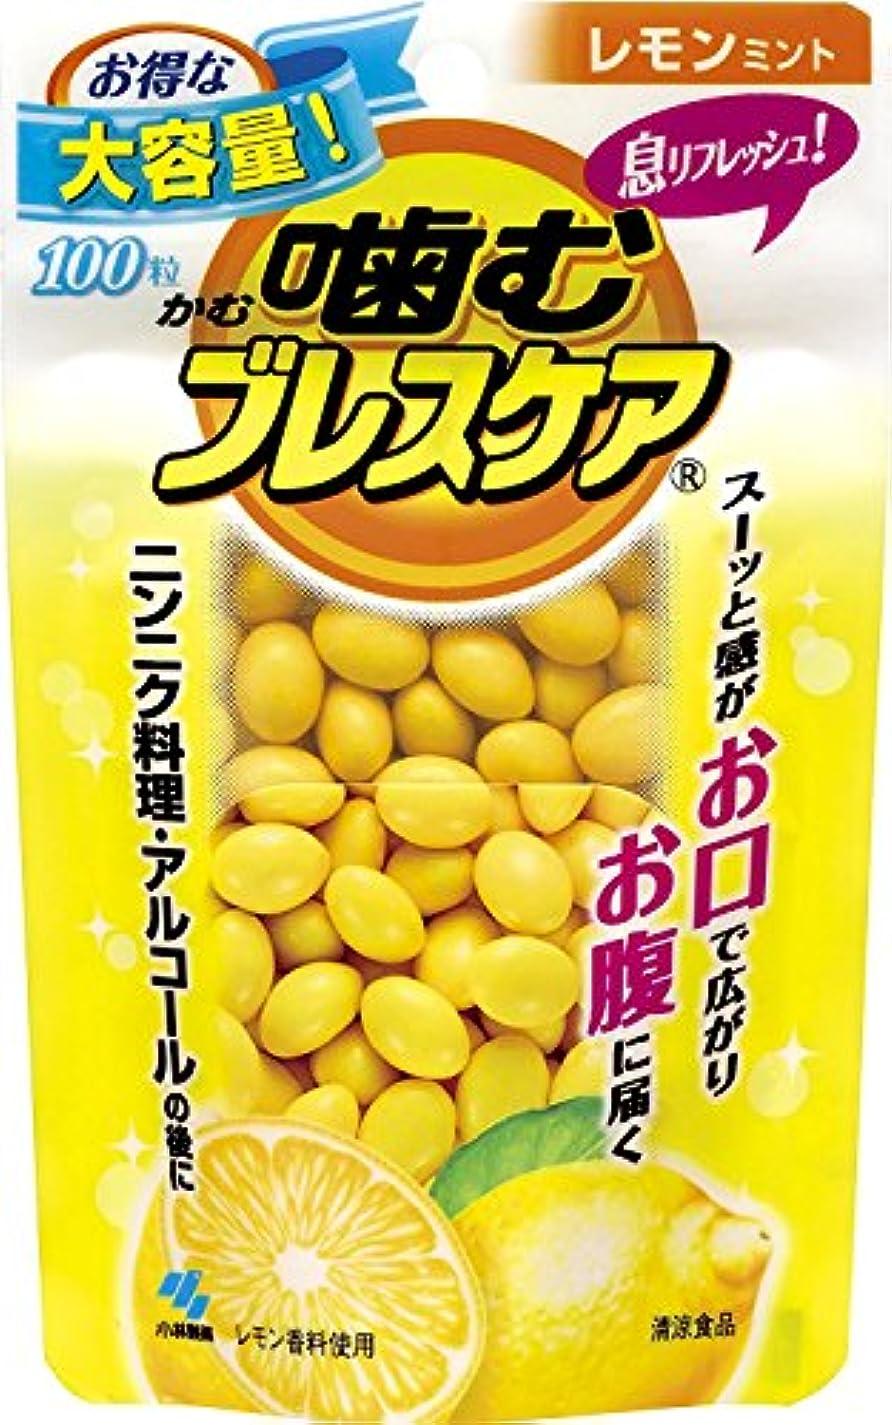 消毒剤看板パワーセル噛むブレスケア 息リフレッシュグミ レモンミント パウチタイプ お得な大容量 100粒